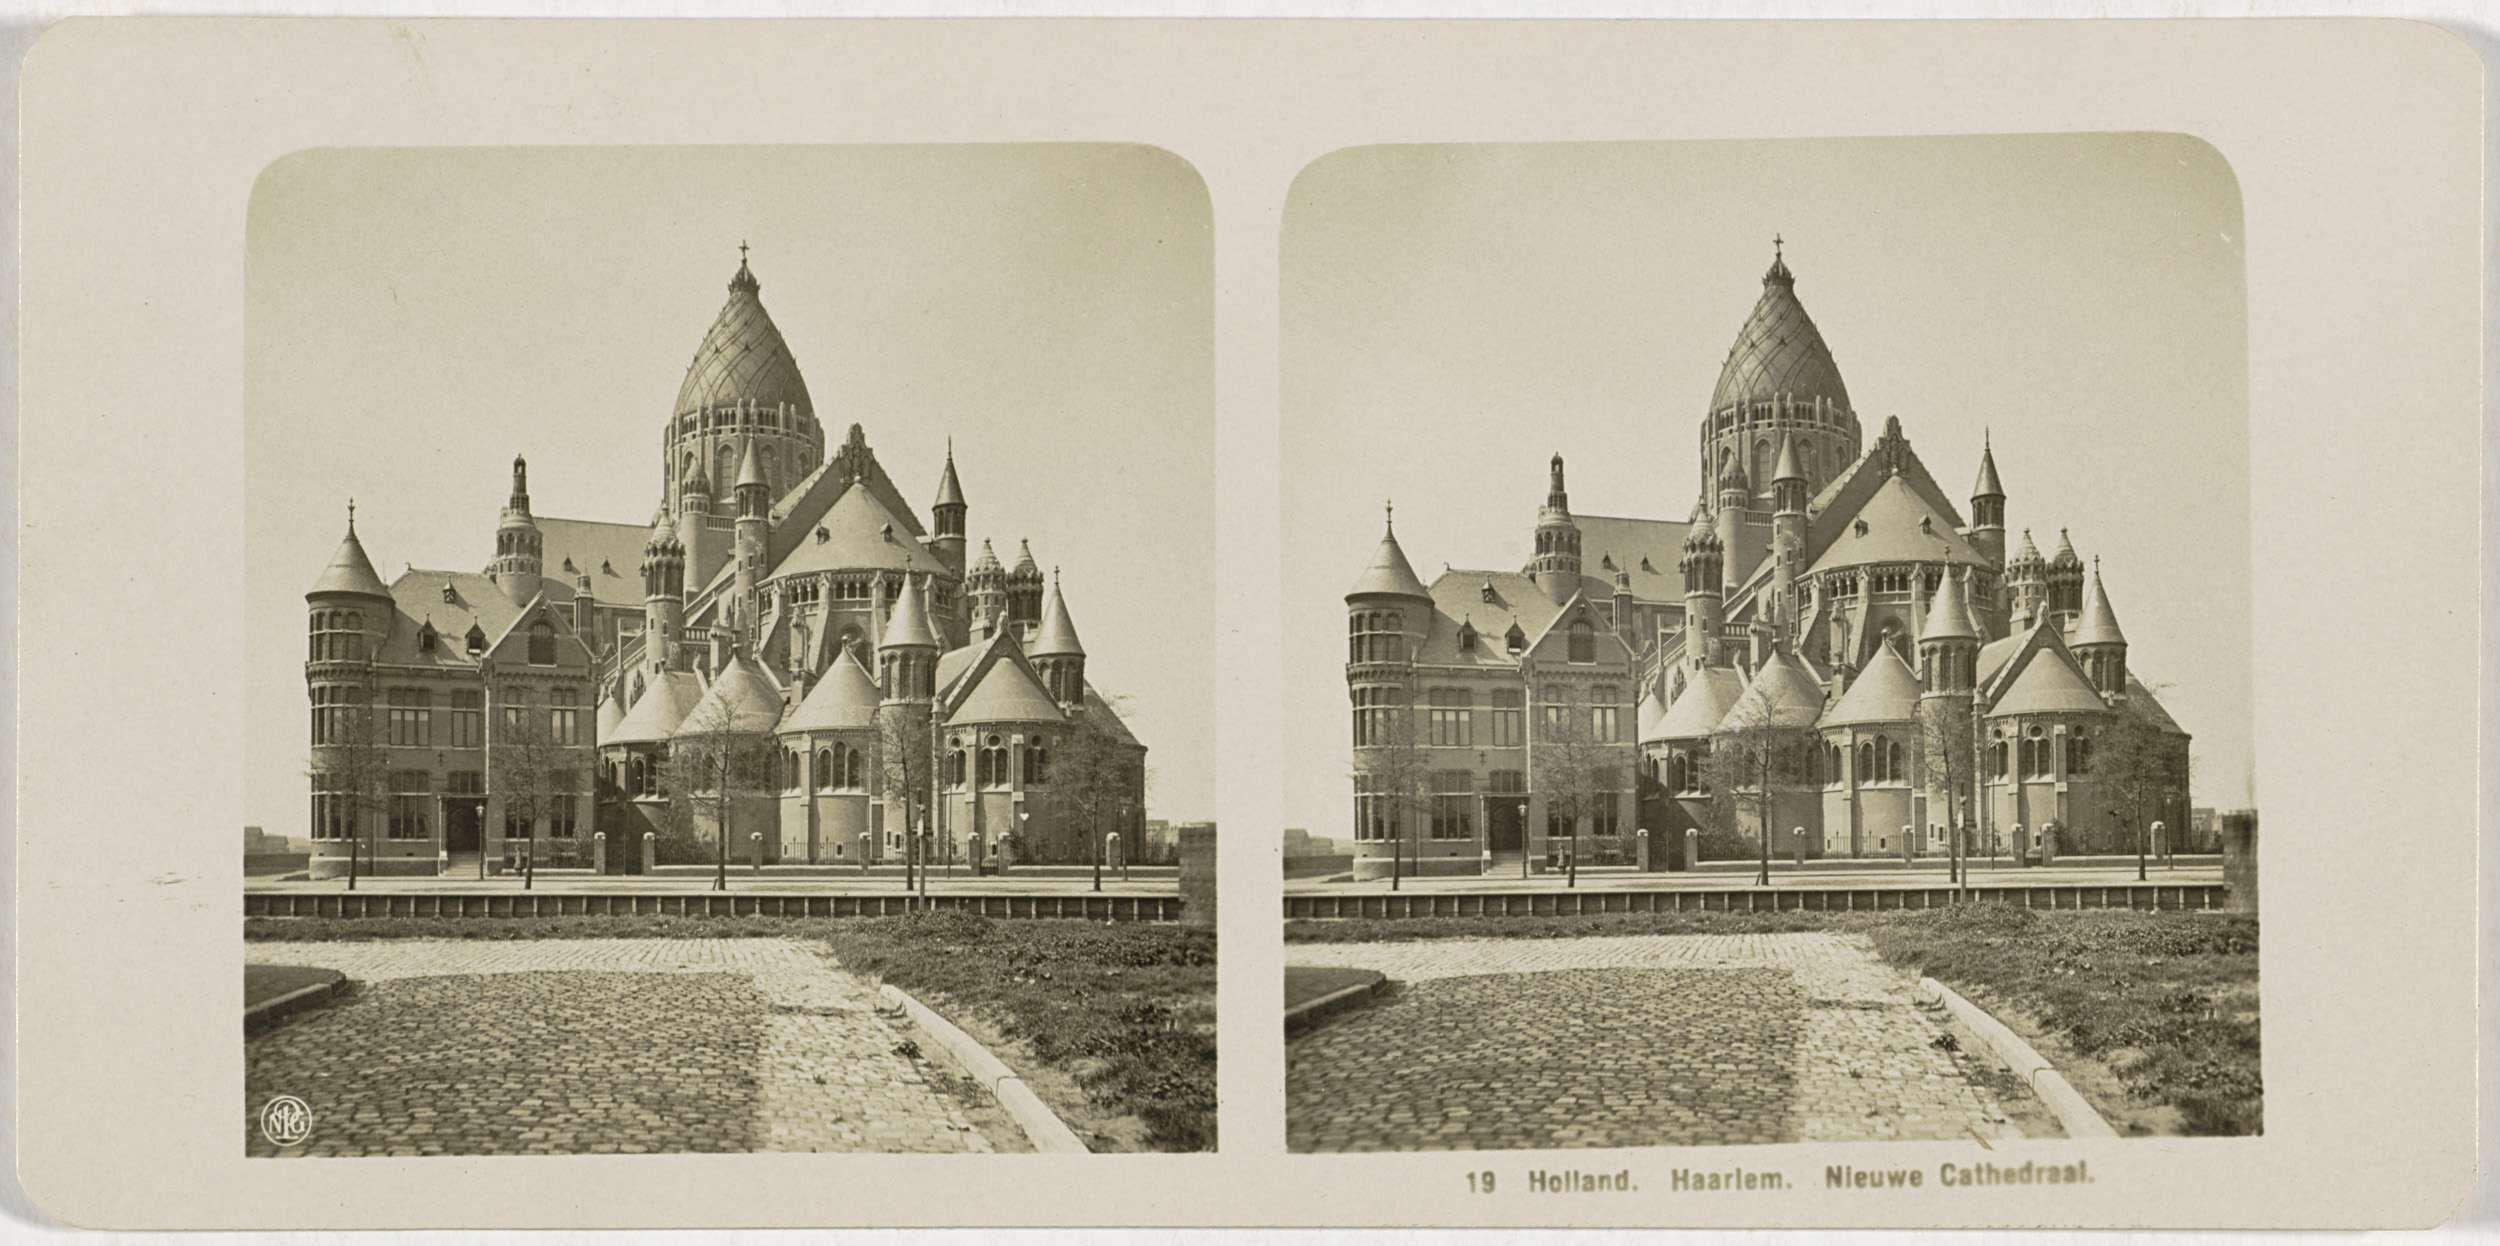 Holland. Haarlem. Nieuwe Cathedraal, NGP, 1900 - 1940